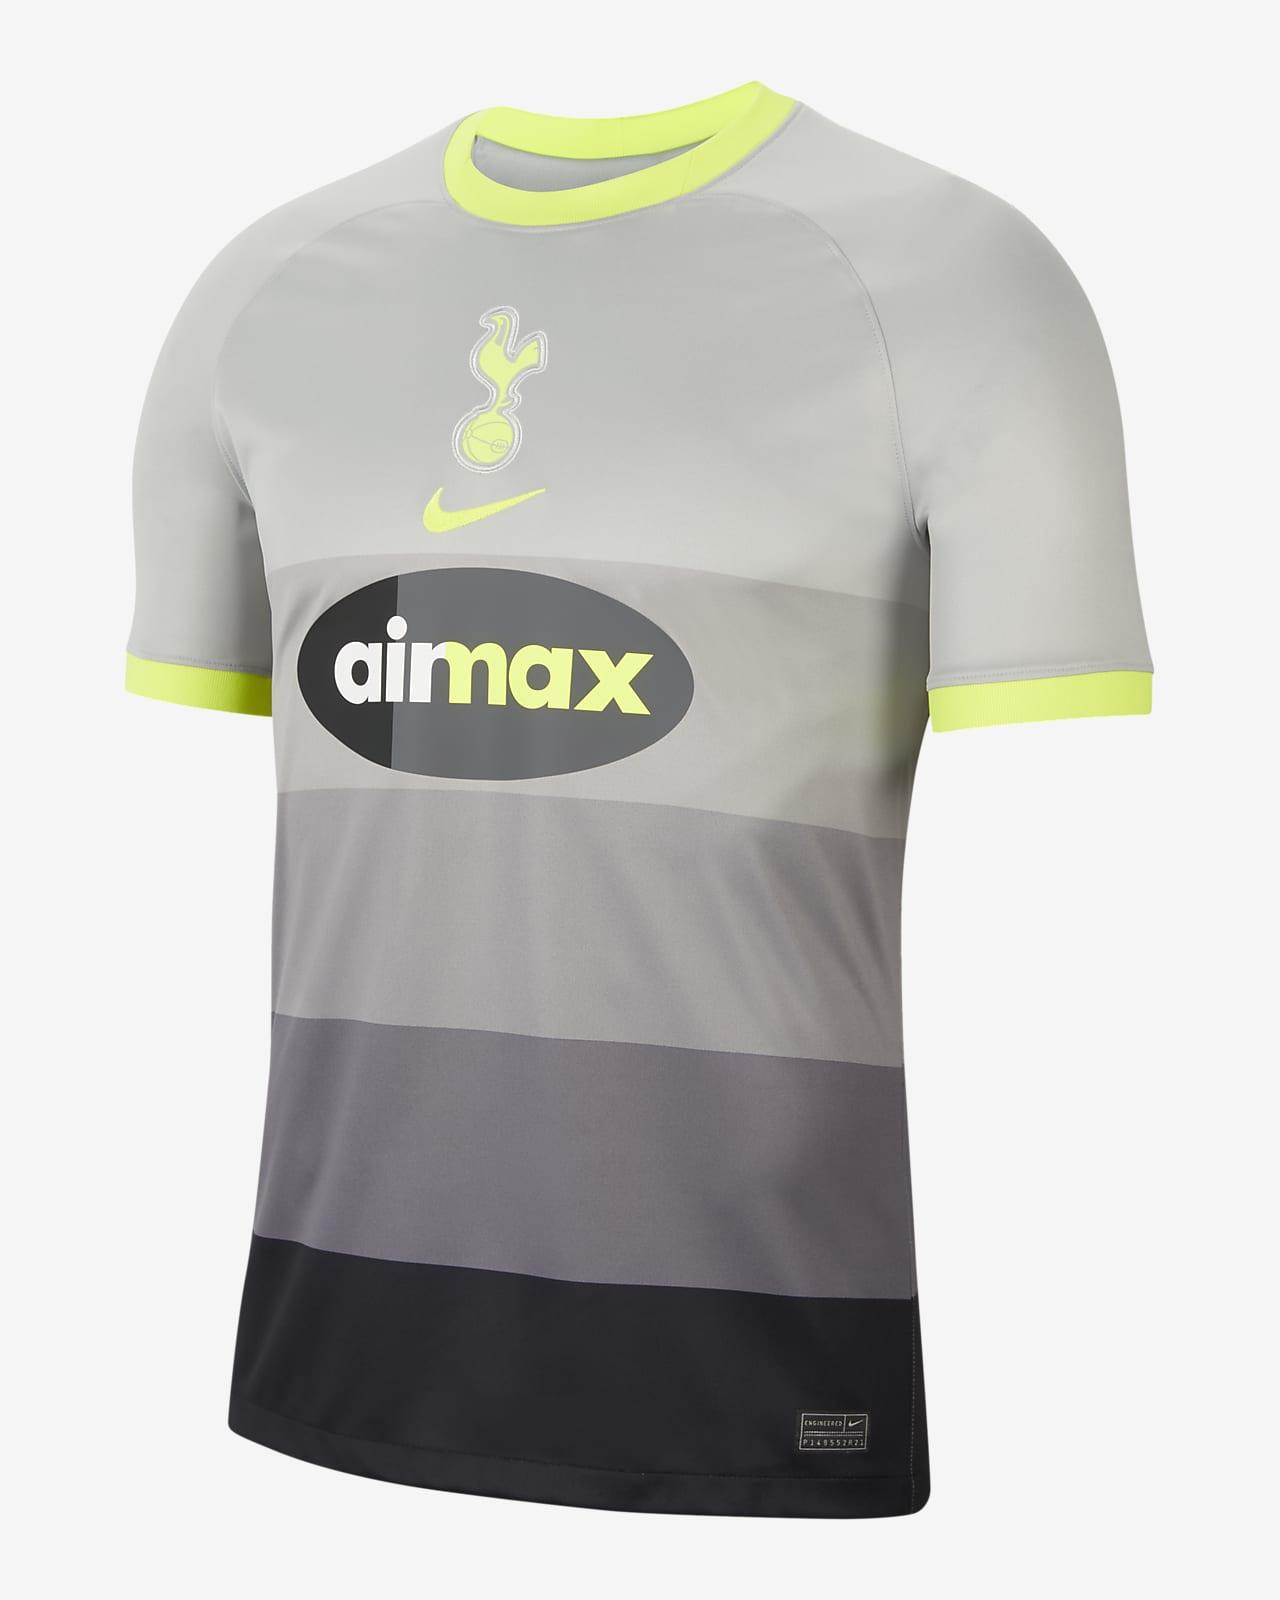 Tottenham Hotspur Stadium Air Max Men's Football Shirt